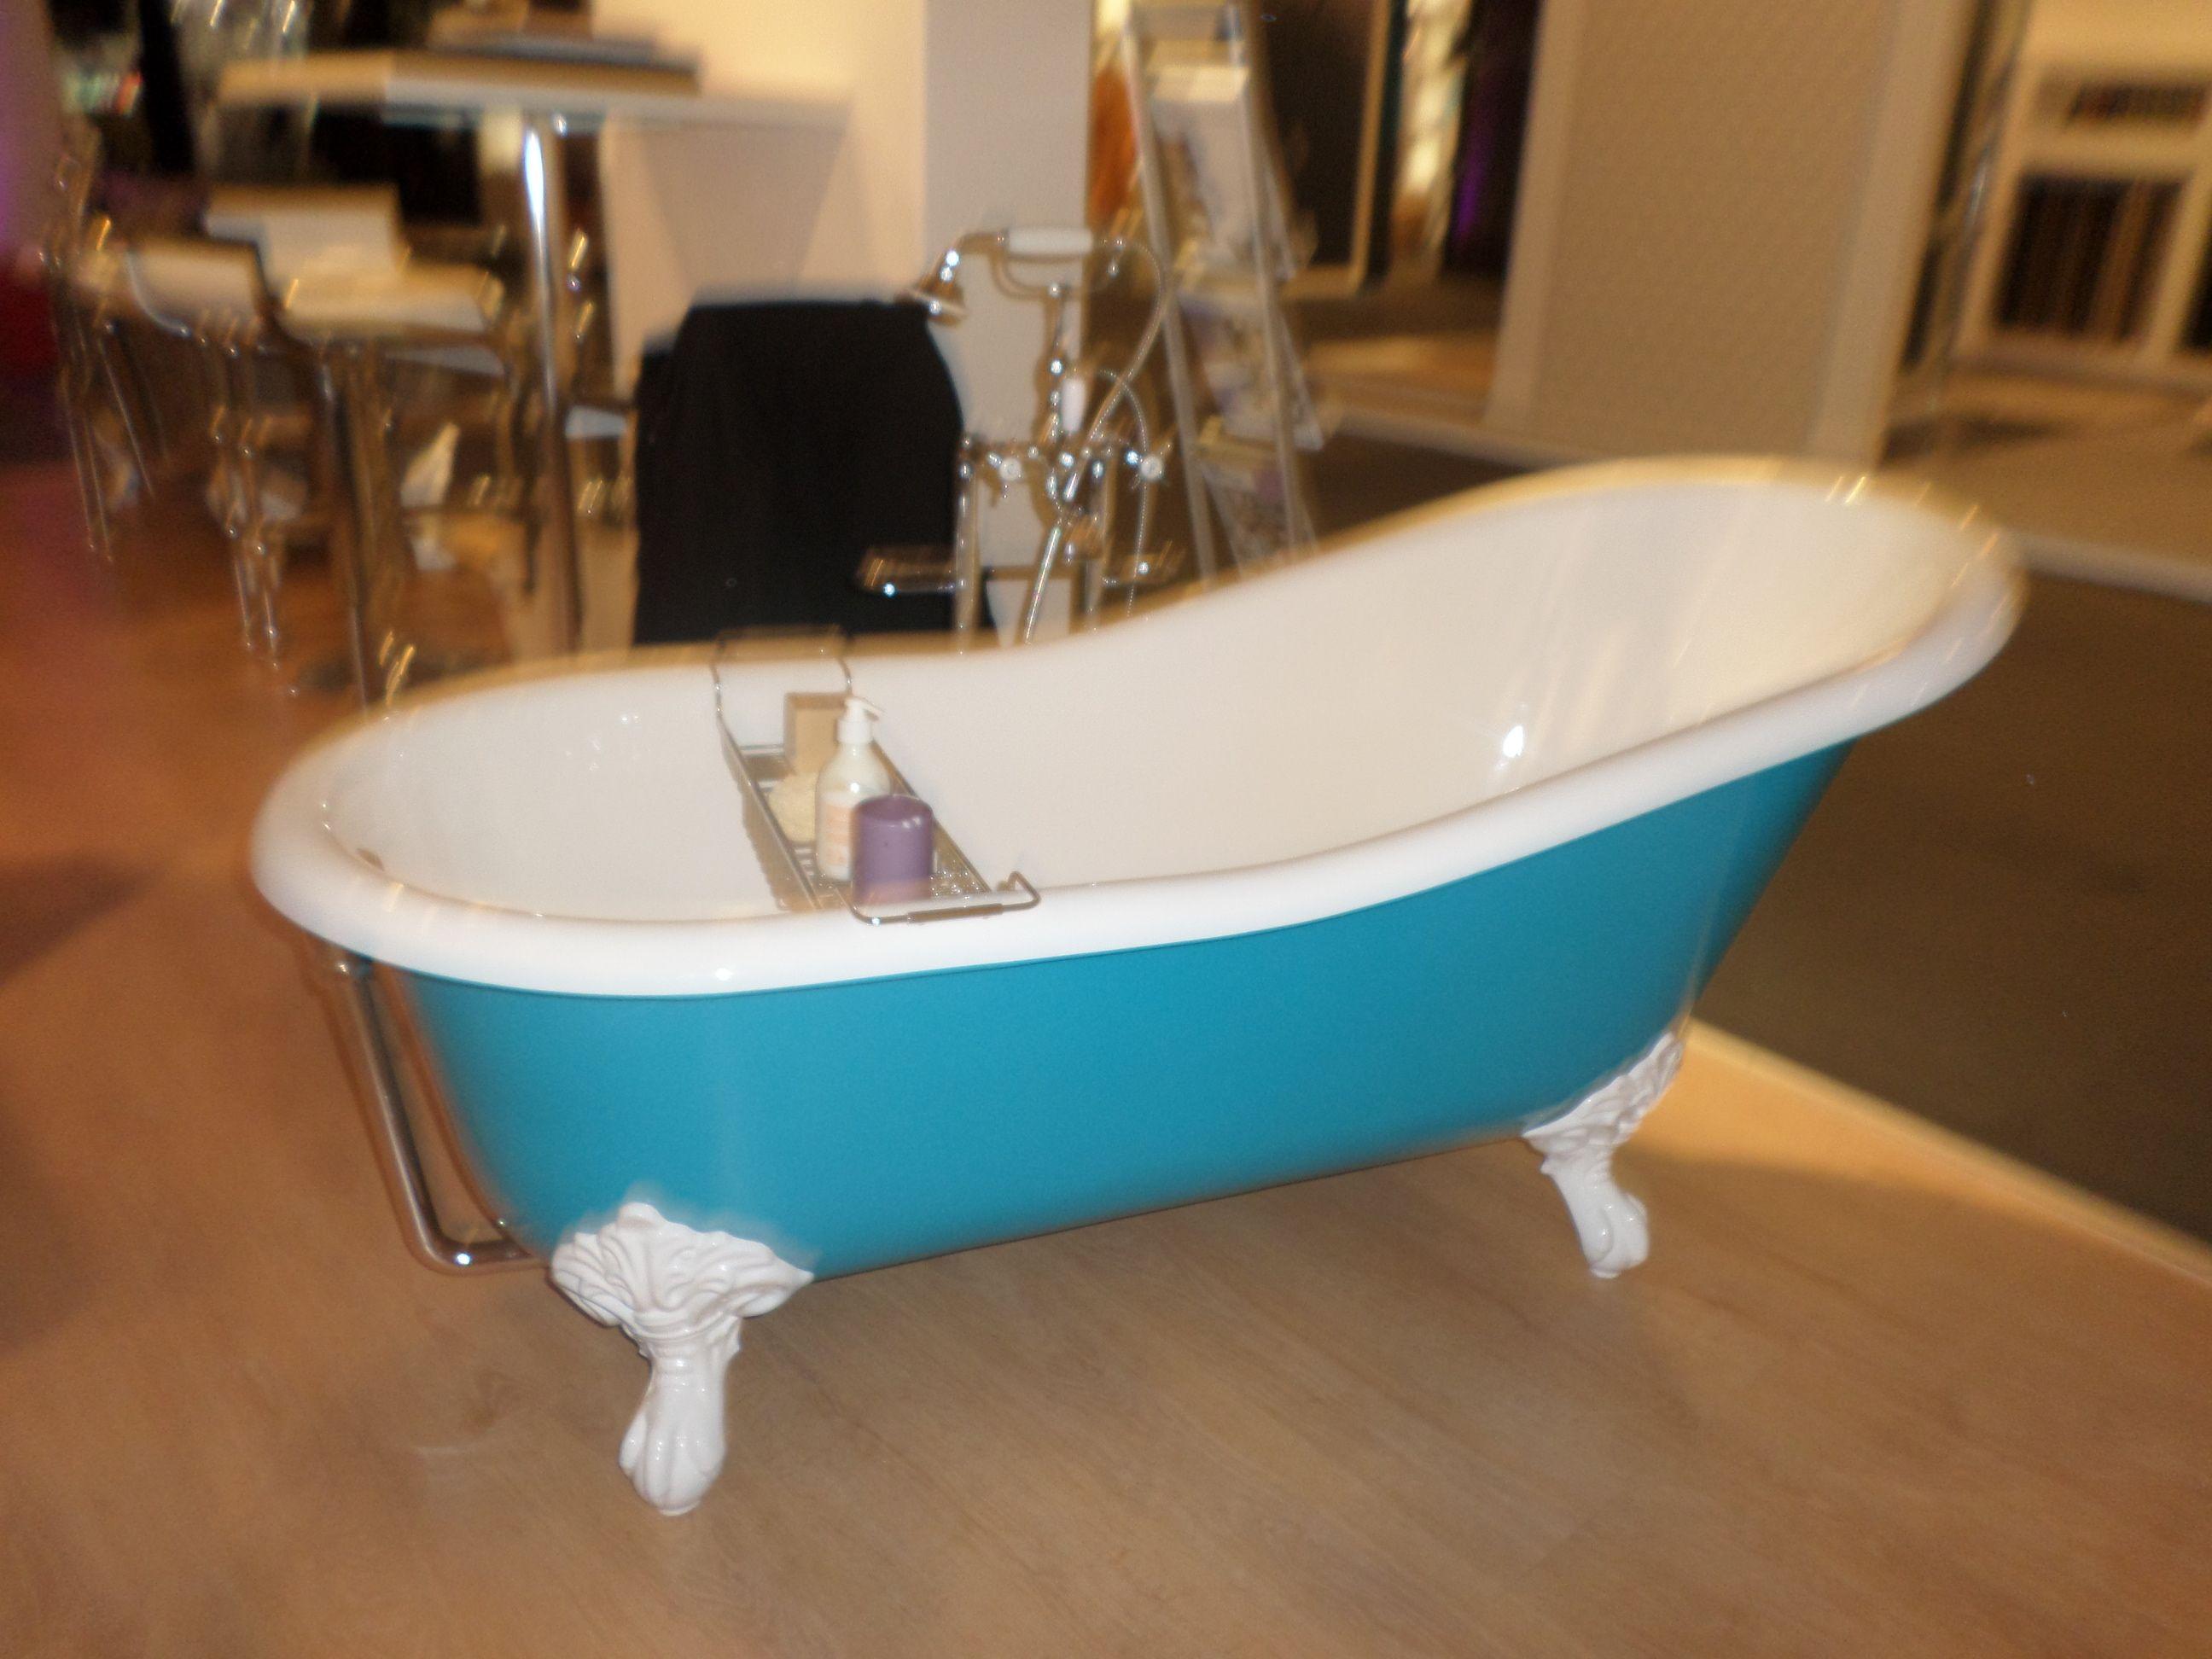 baignoire en fonte 154cm couleur bleu turquoise by bleu provence amsld r tro pinterest. Black Bedroom Furniture Sets. Home Design Ideas